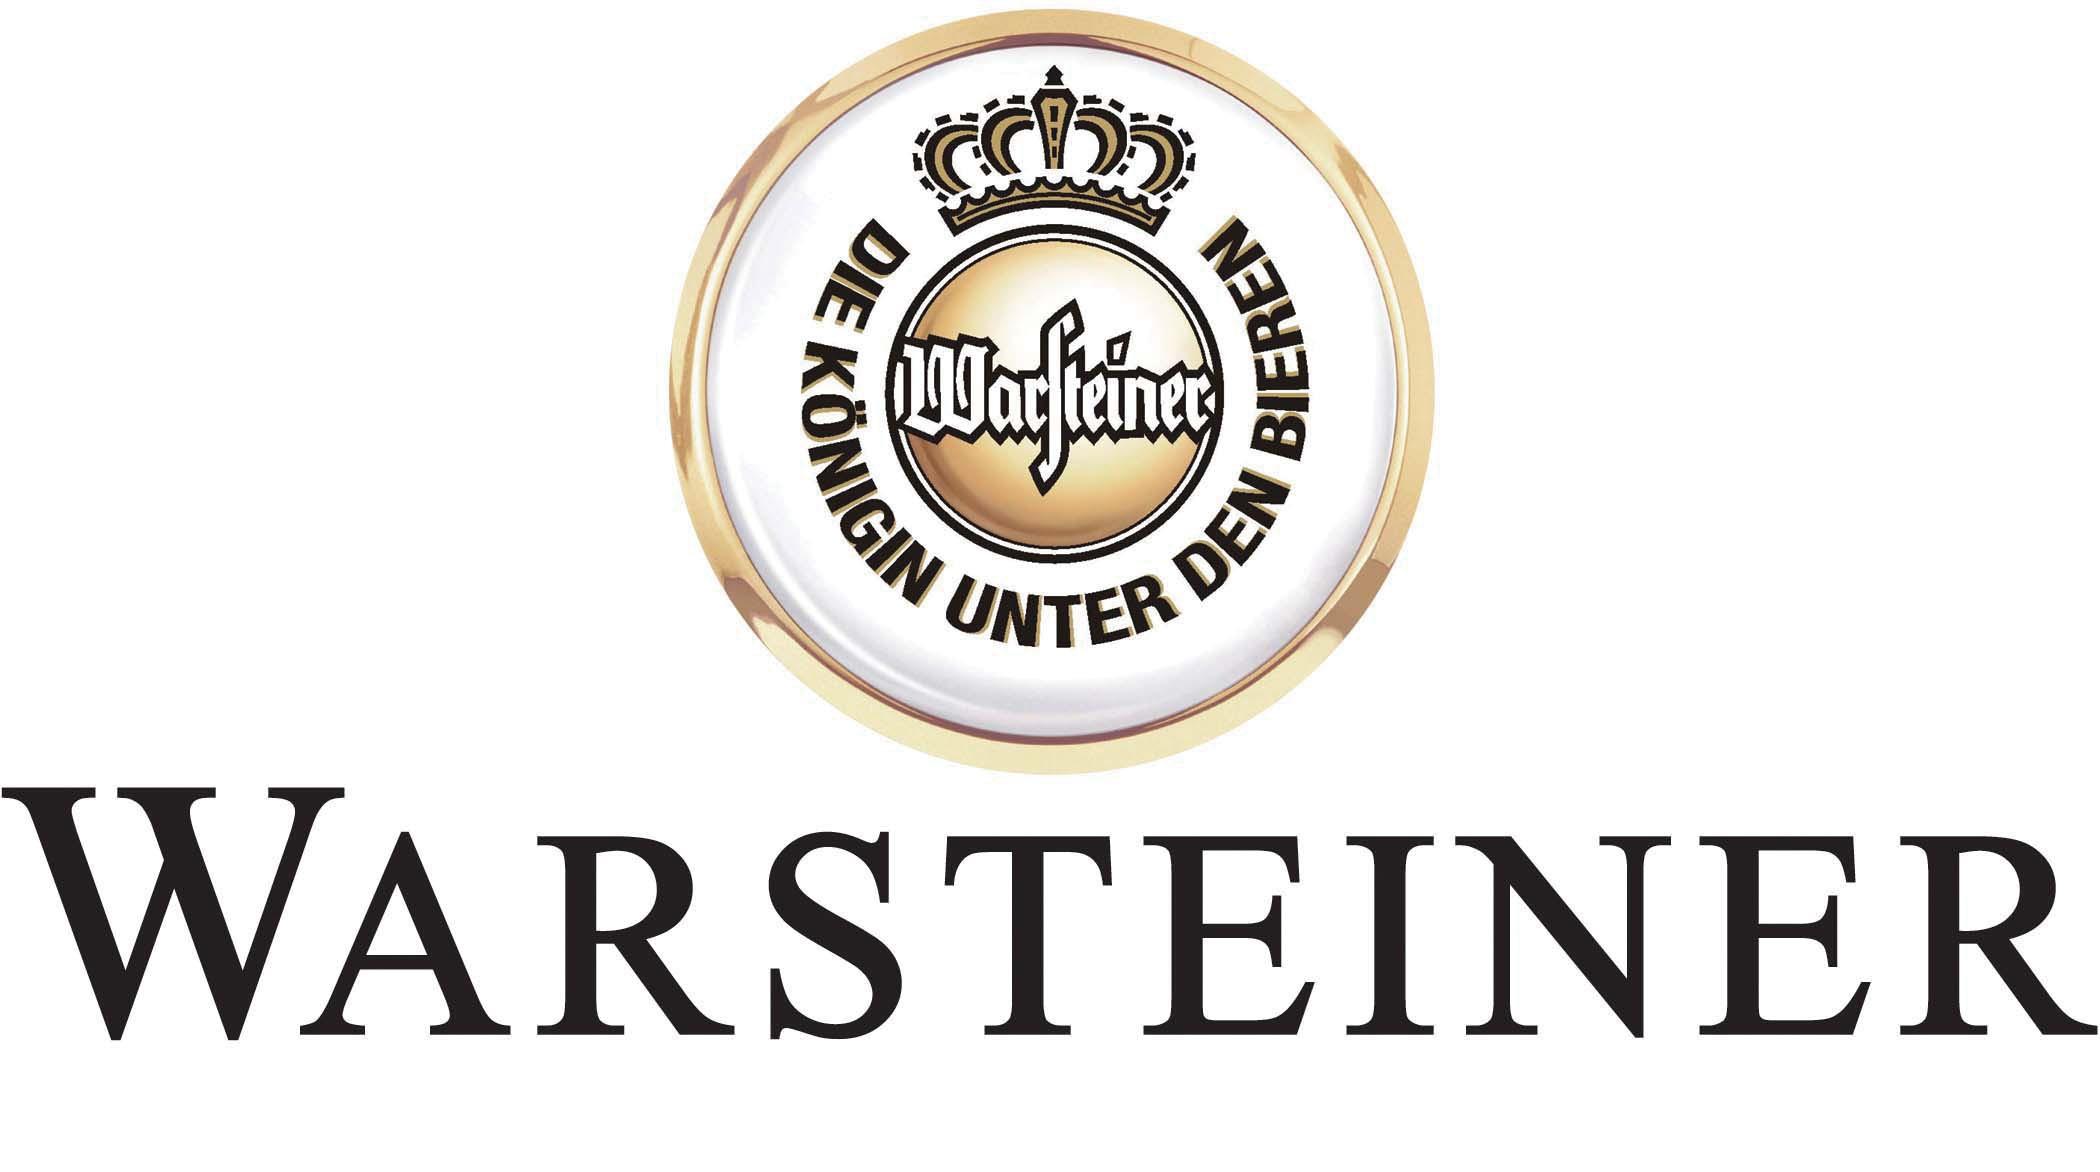 warsteiner-logo.jpg